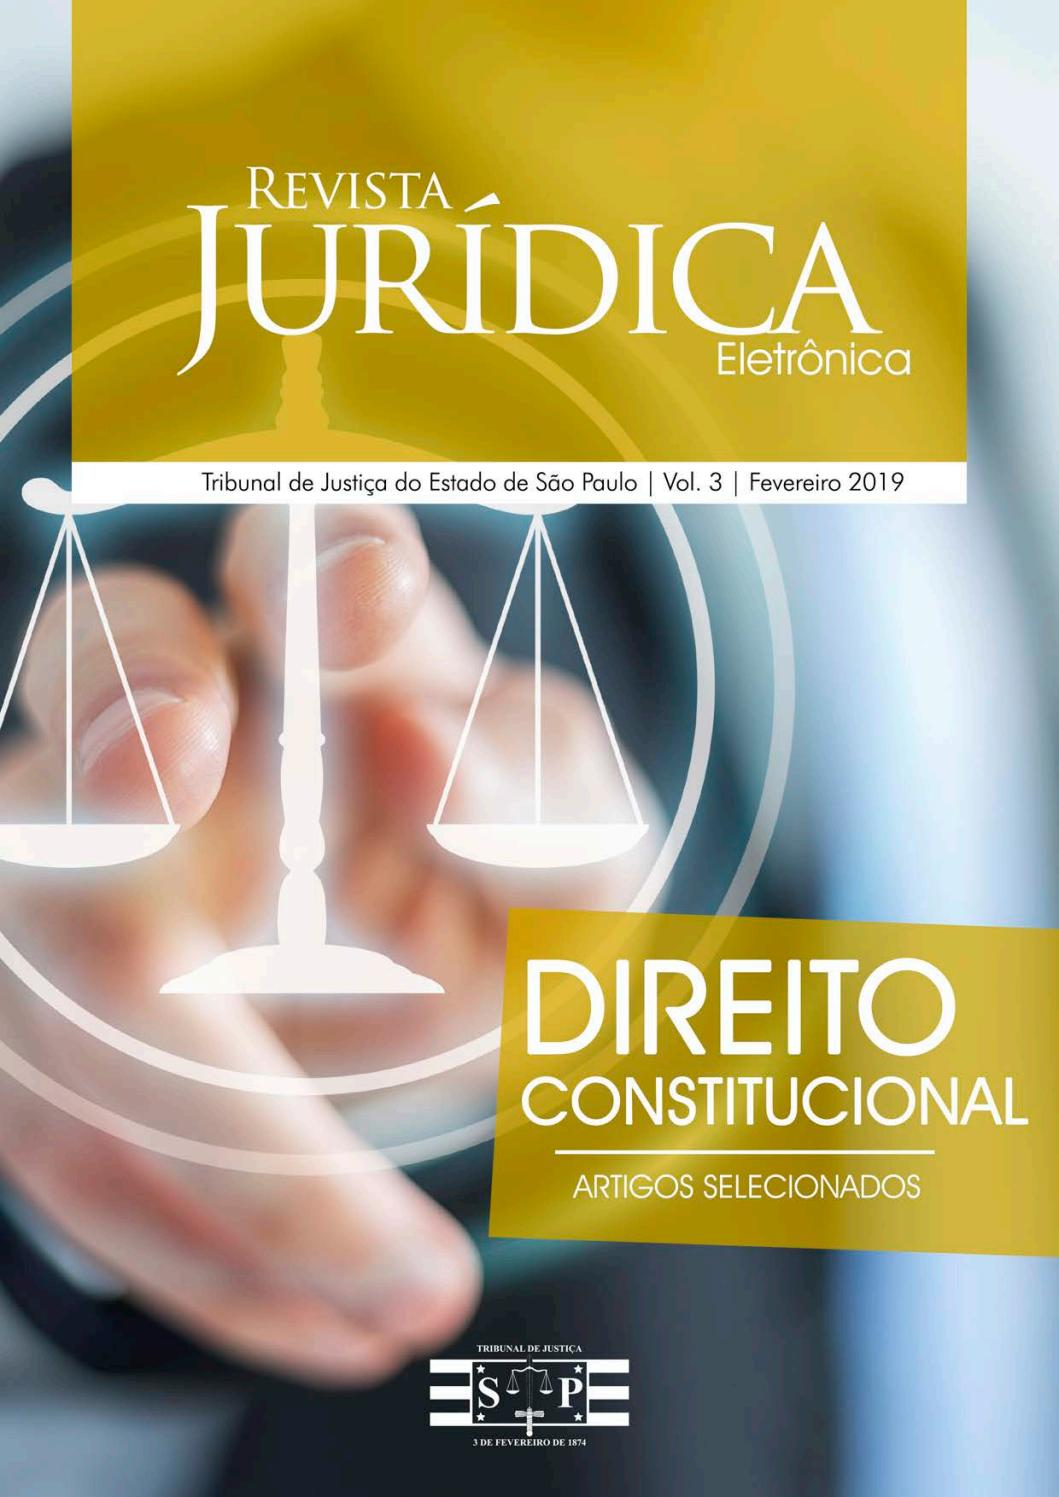 revista jurídica eletrônica vol 3 2019 by revista jurídicarevista jurídica eletrônica vol 3 2019 by revista jurídica eletrônica issuu